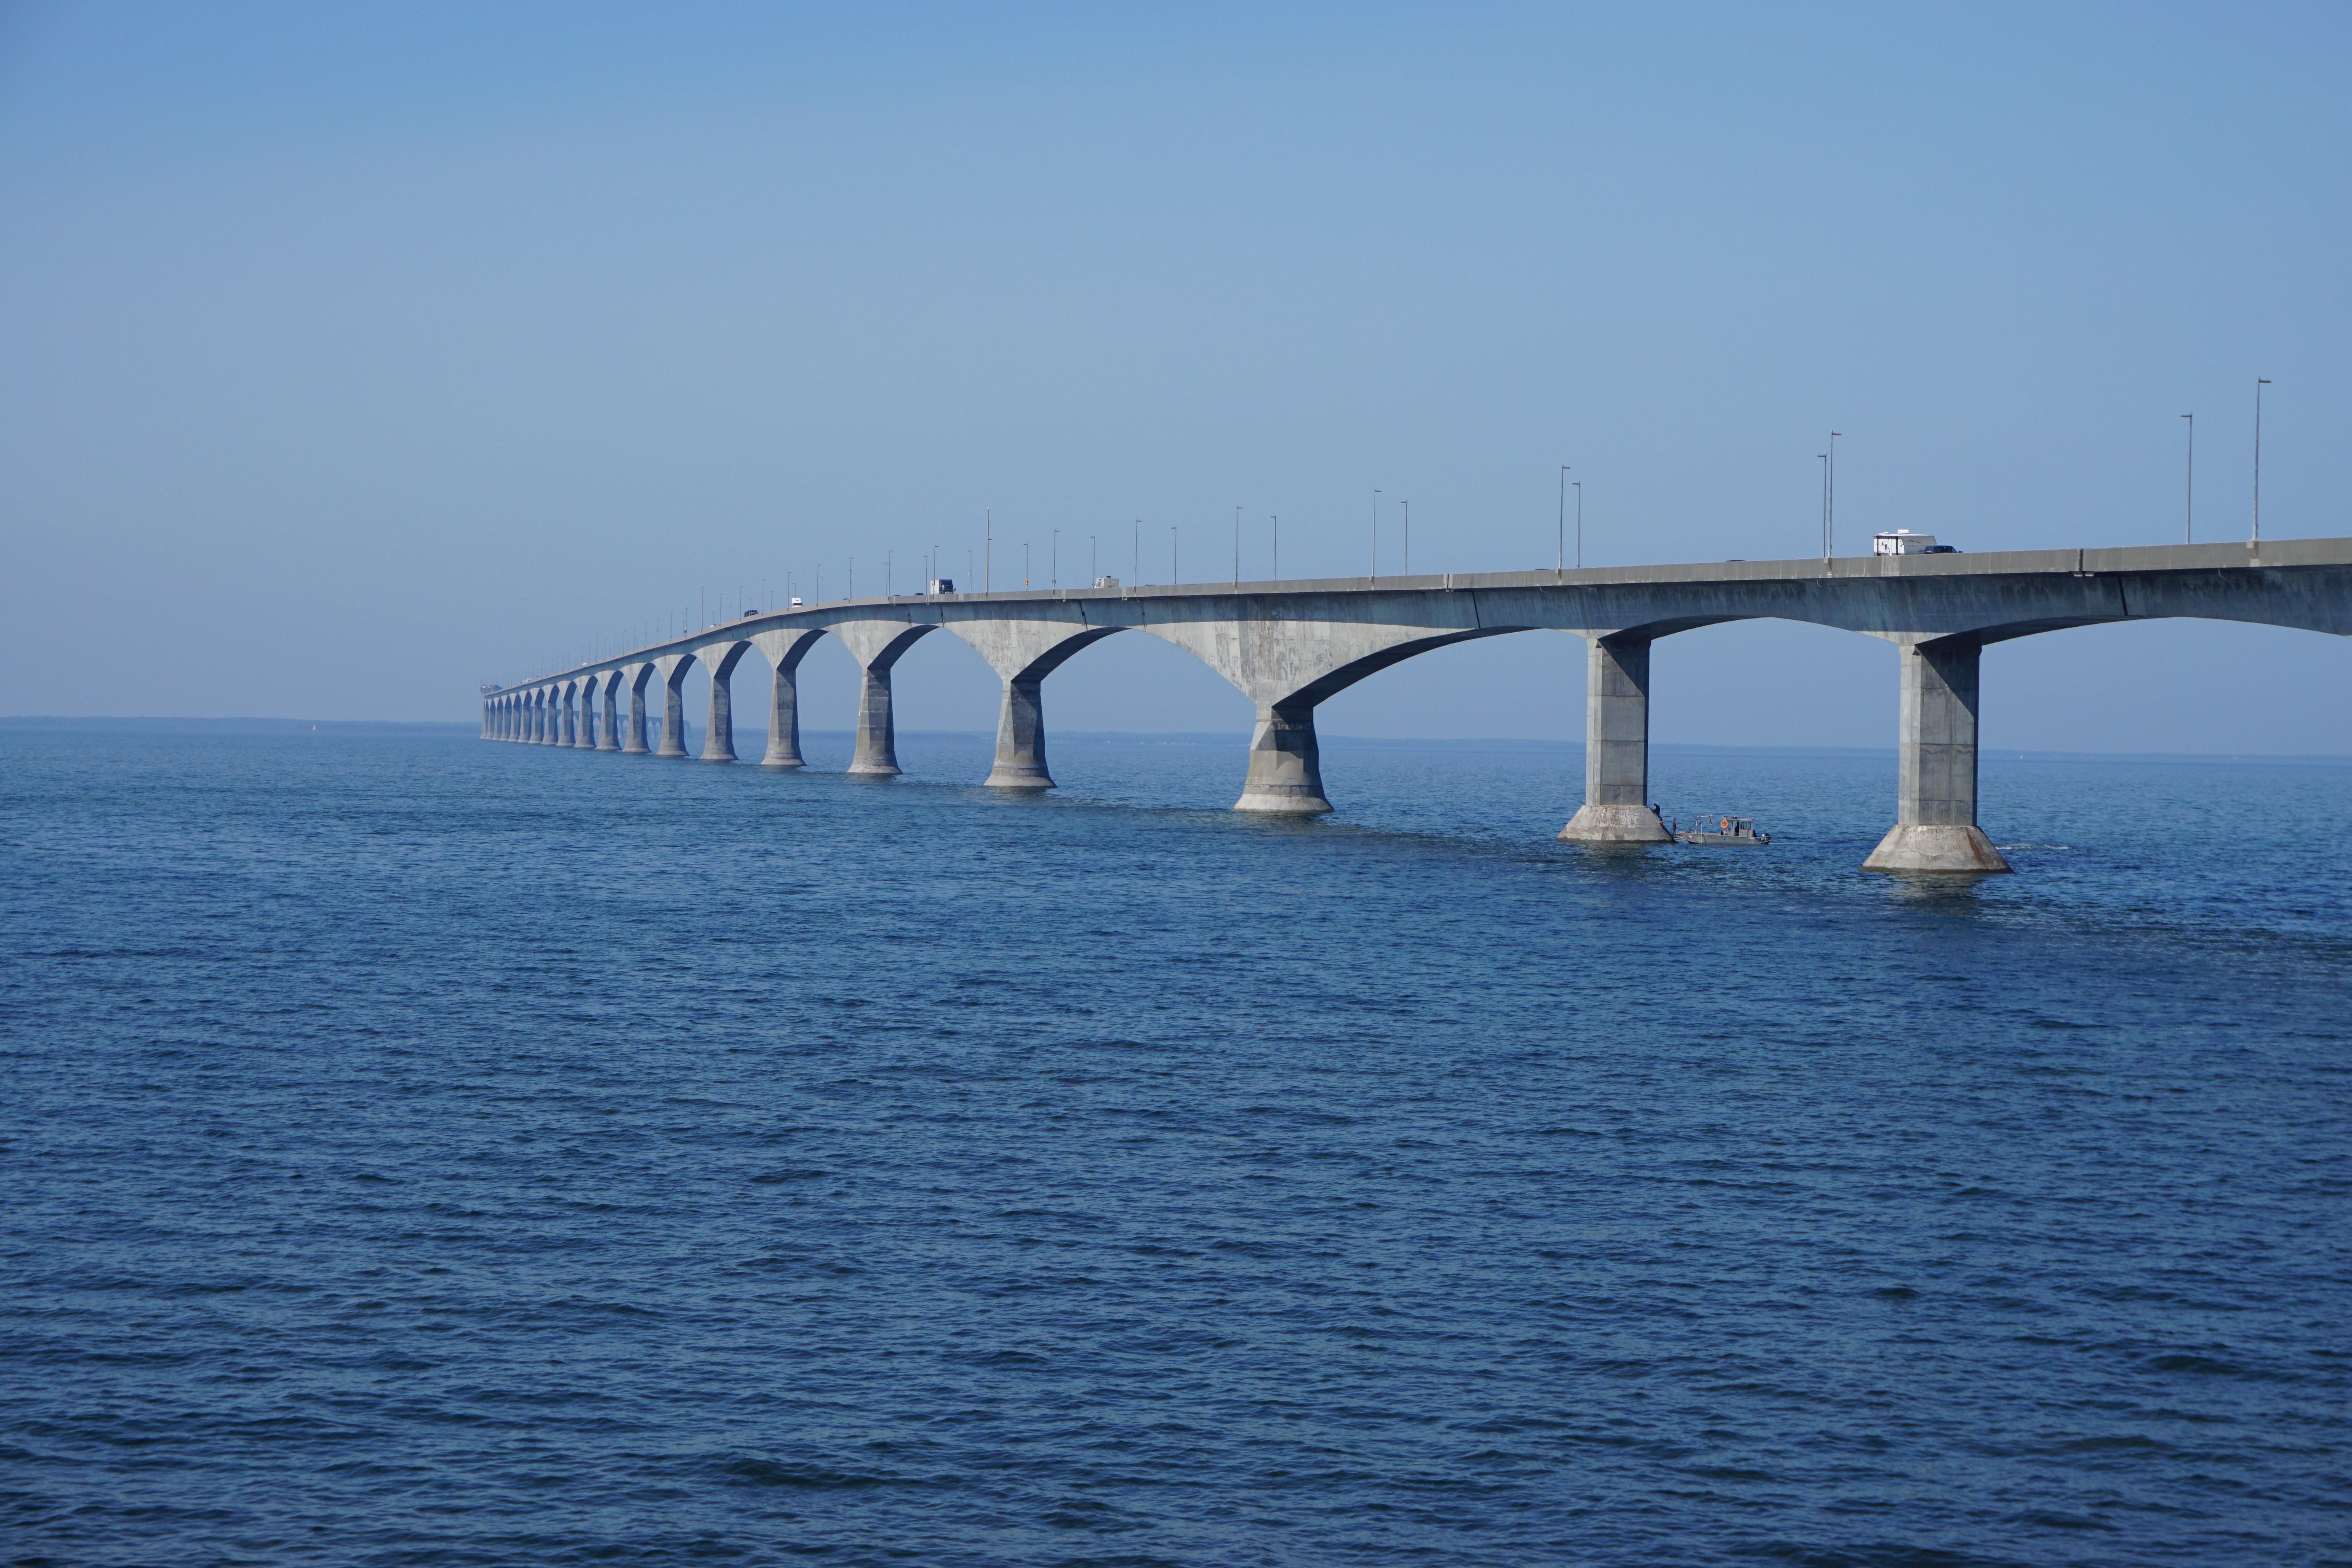 pont océan bleu Canada Île-du-Prince-Édouard voyage Anne La maison aux pignons verts Lucy Maud Montgomery